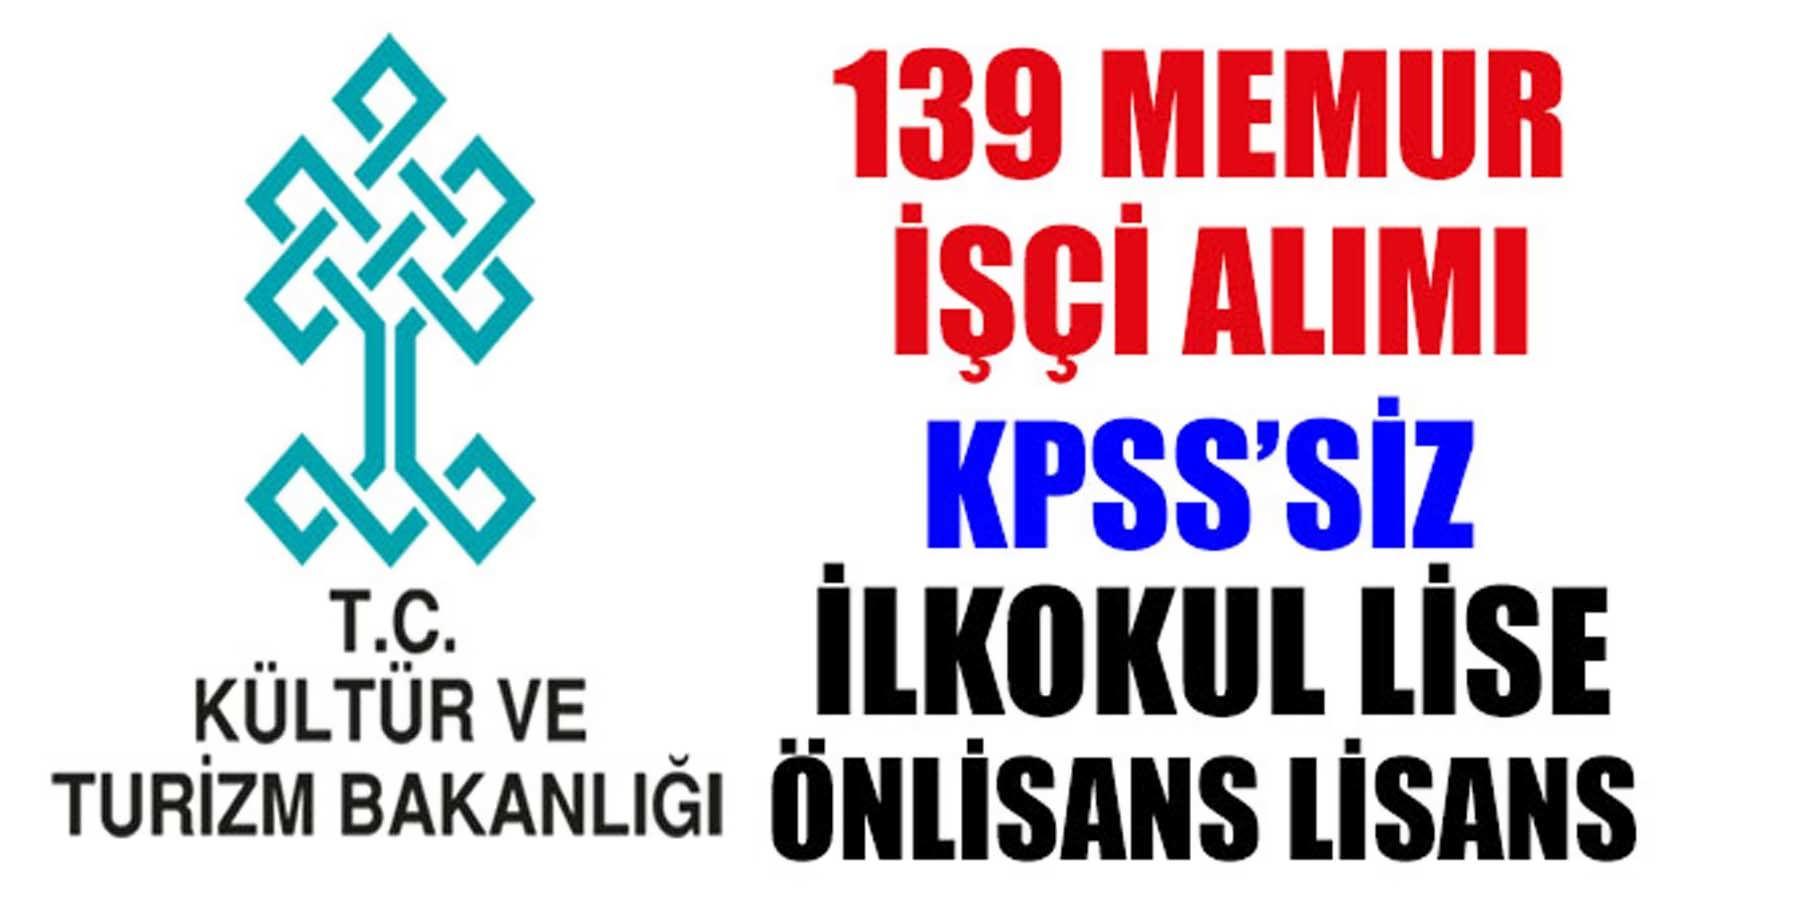 Kültür Bakanlığı KPSS'siz 139 Memur ve İşçi Alımı